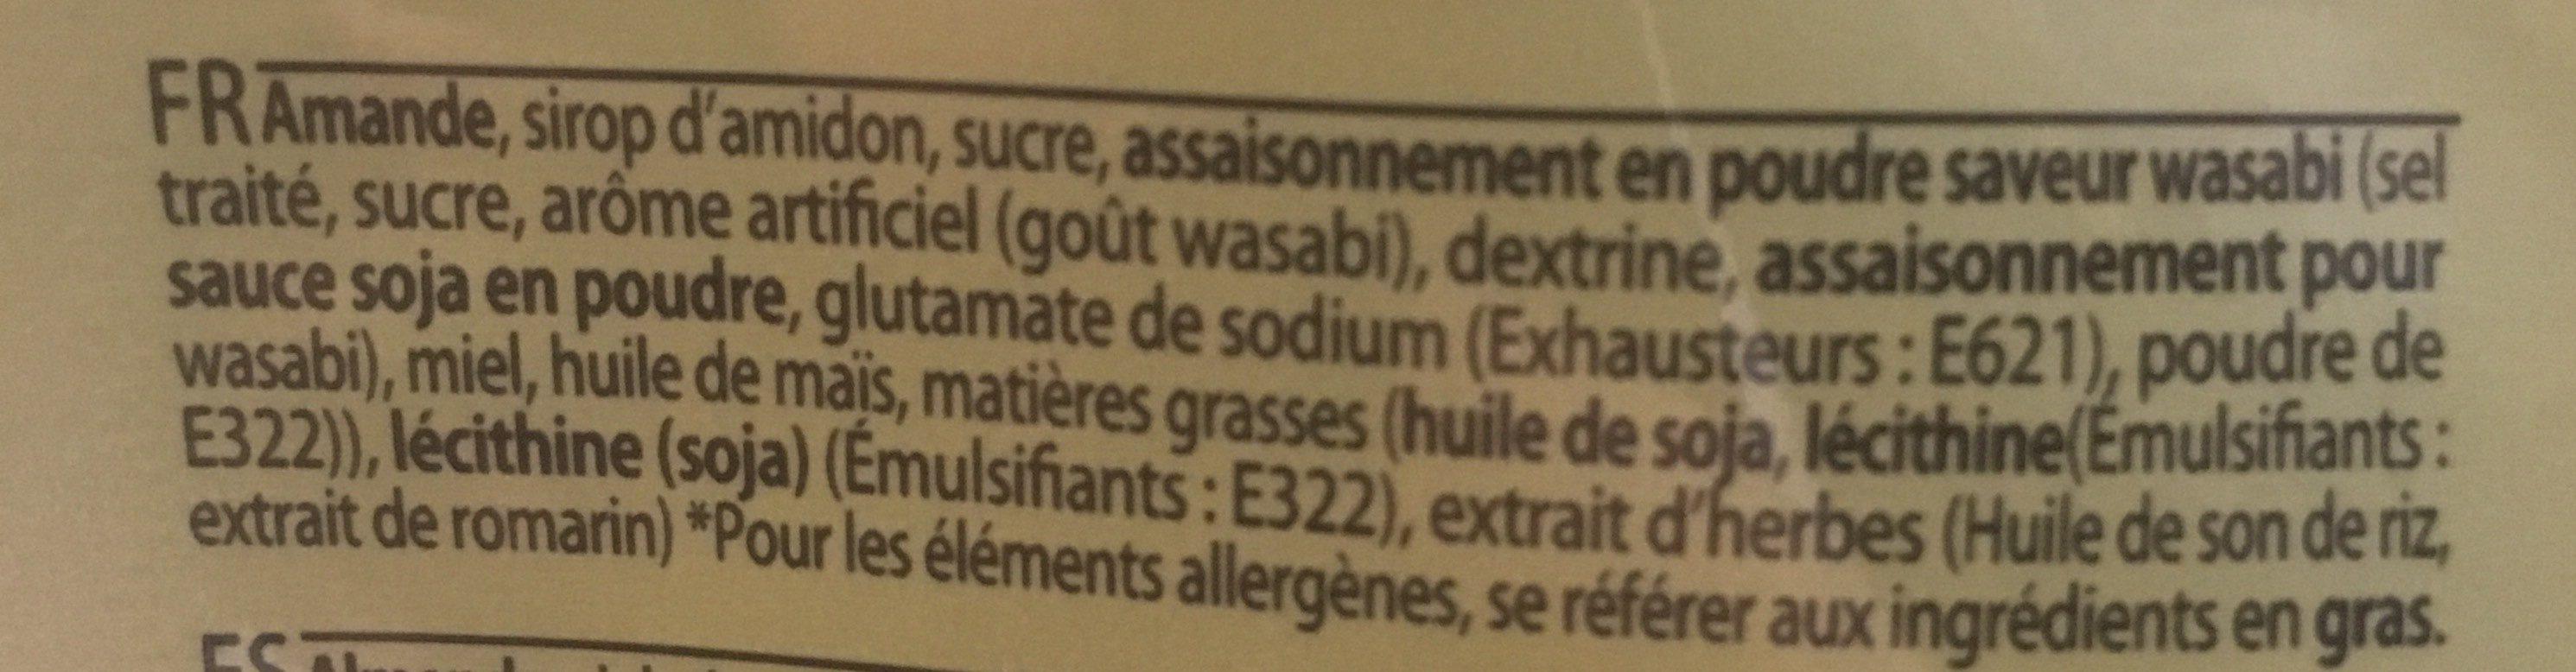 Amandes au wasabi - Ingredientes